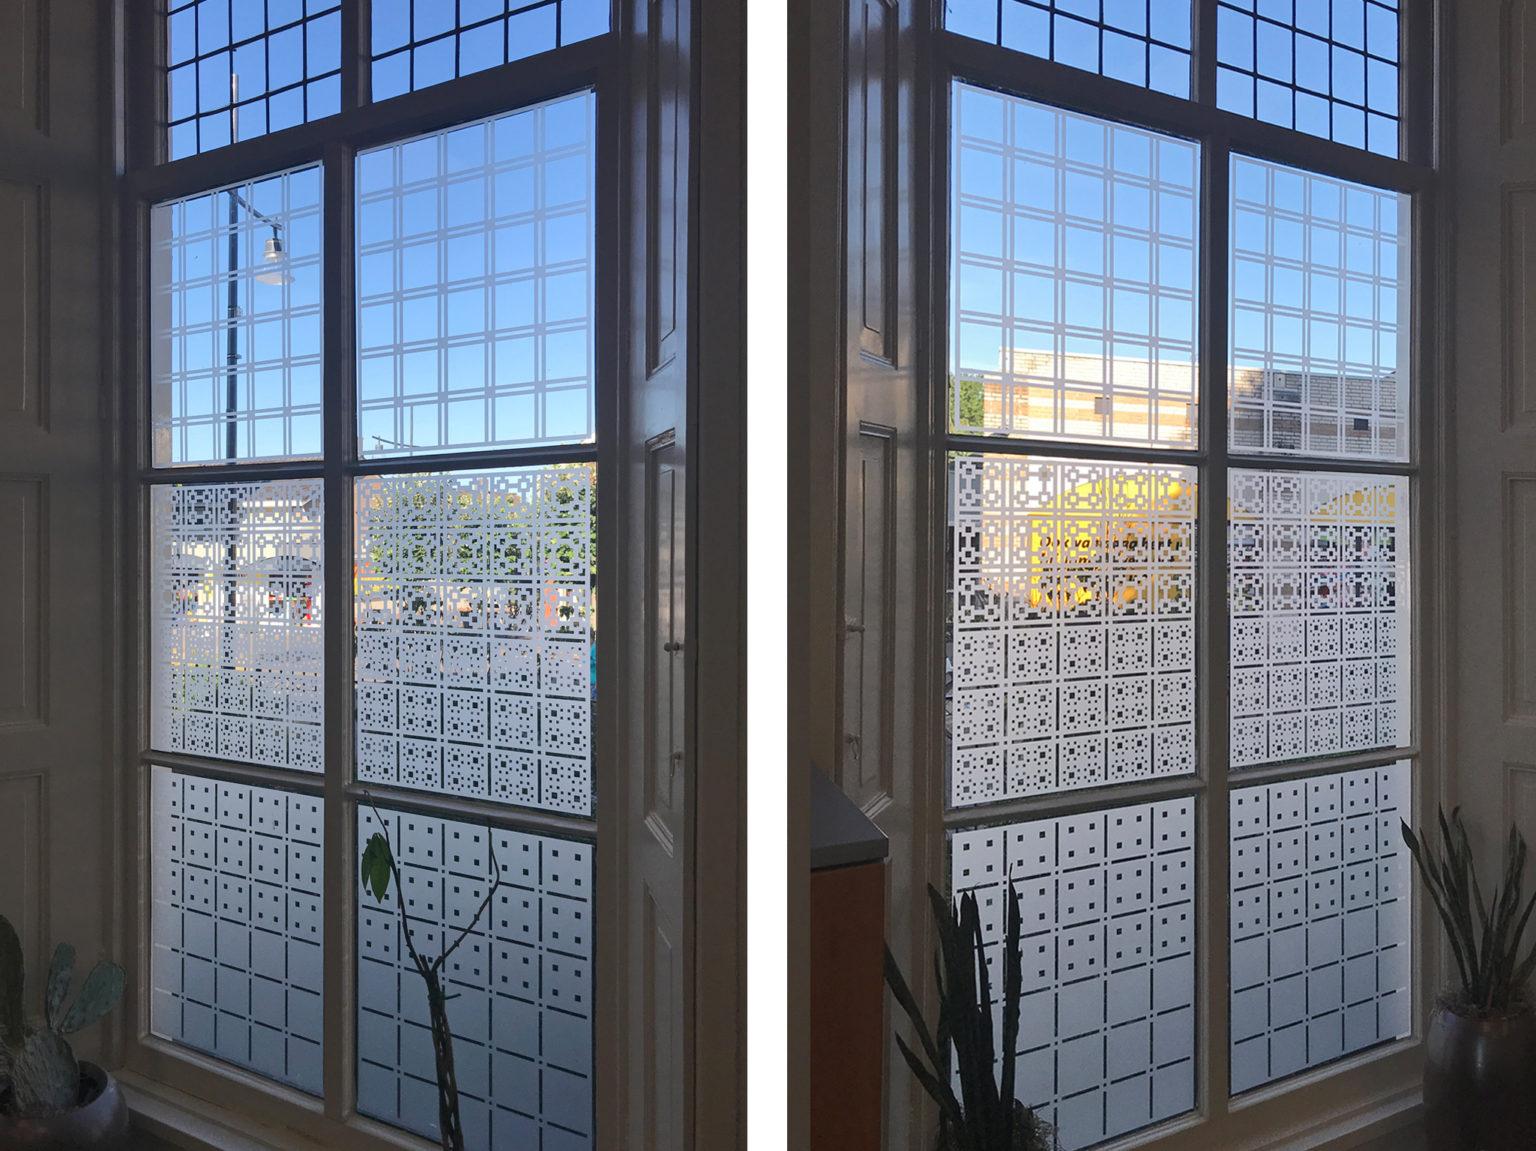 Raamfolie patronen in kantoor van binnen gezien.